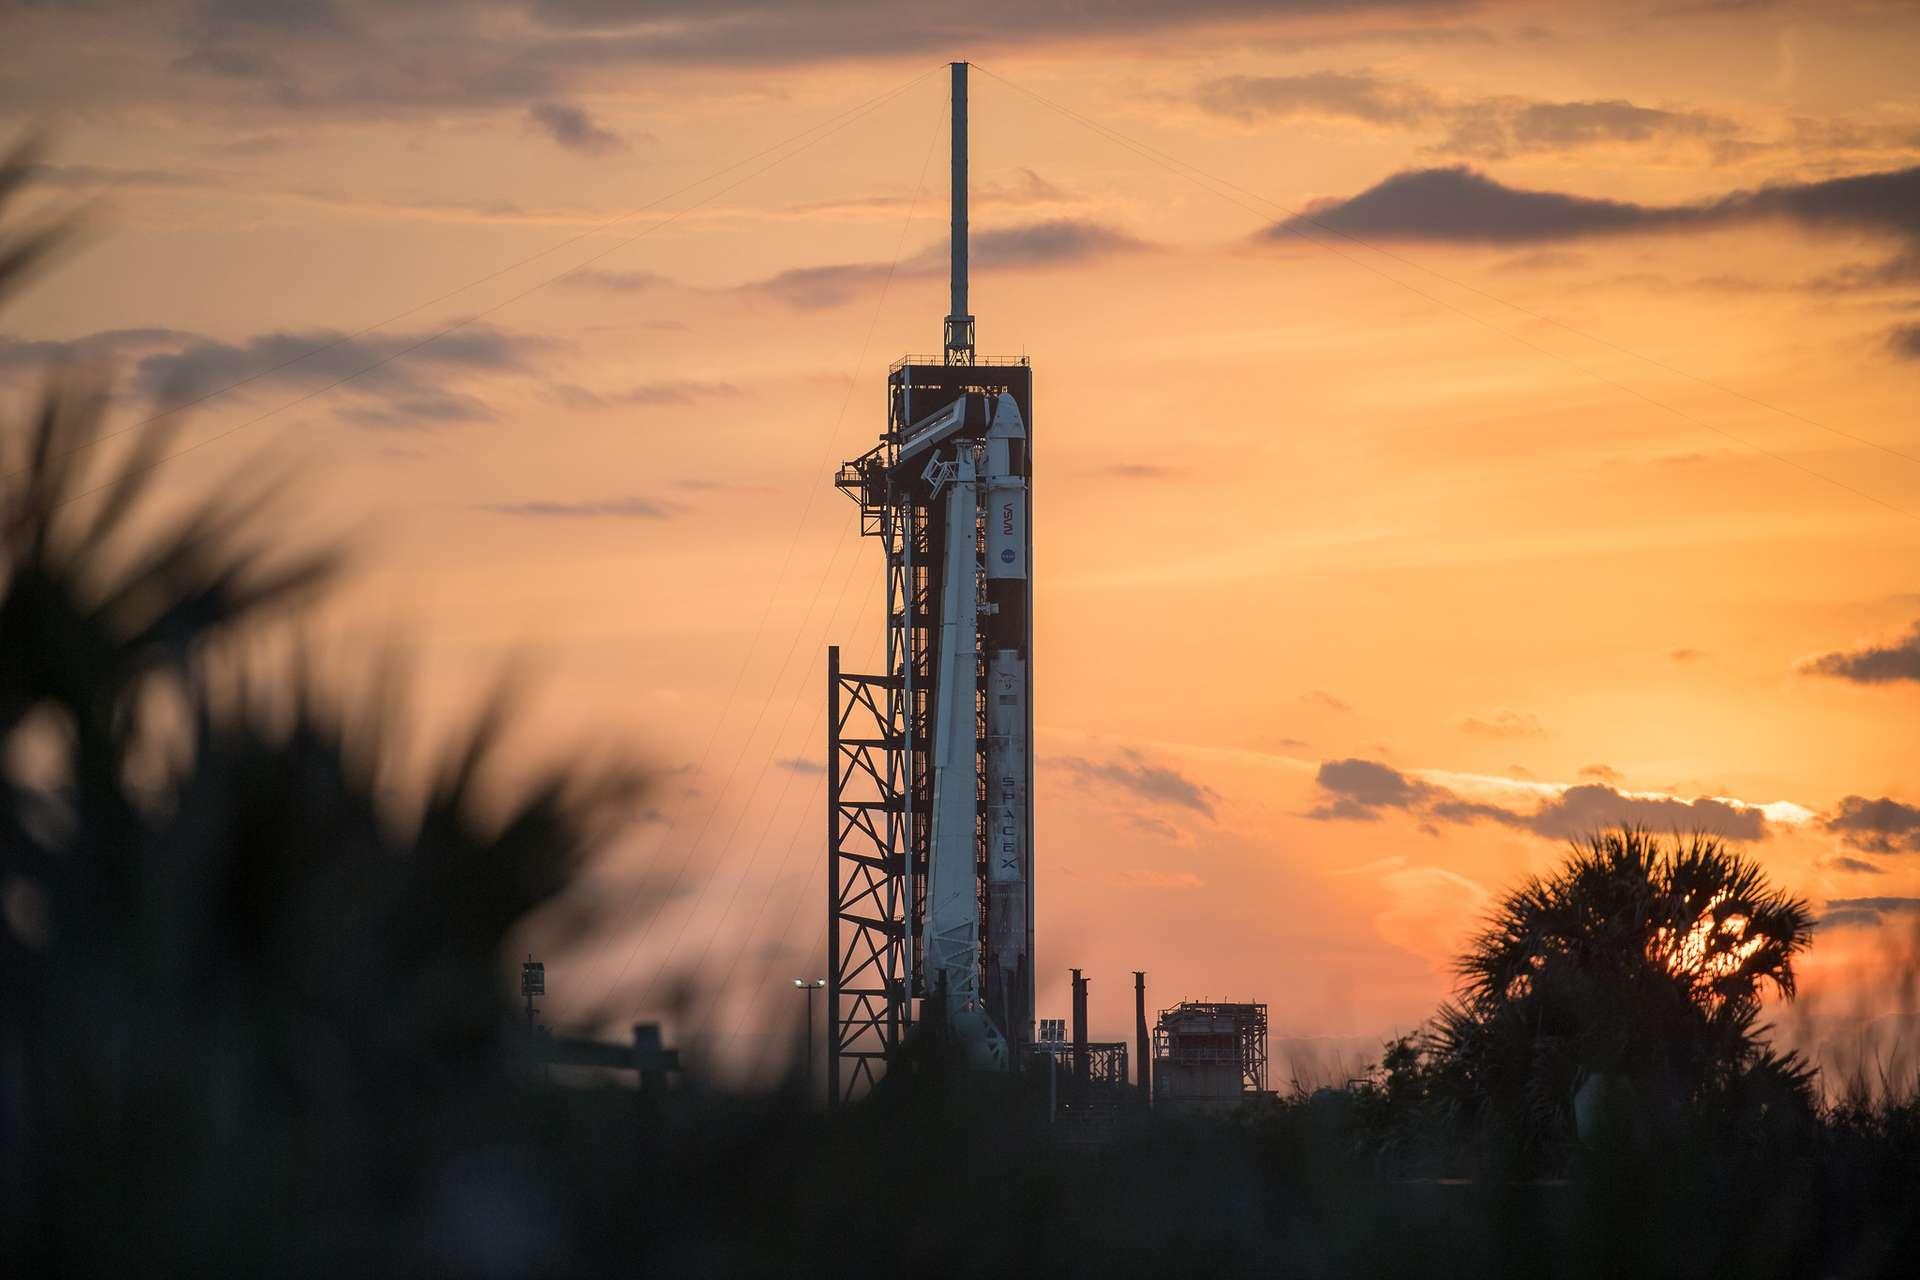 Le lanceur Falcon 9 dressé sur le pas de tir 39A du Kennedy Space Center. © Nasa, Joel Kowsky